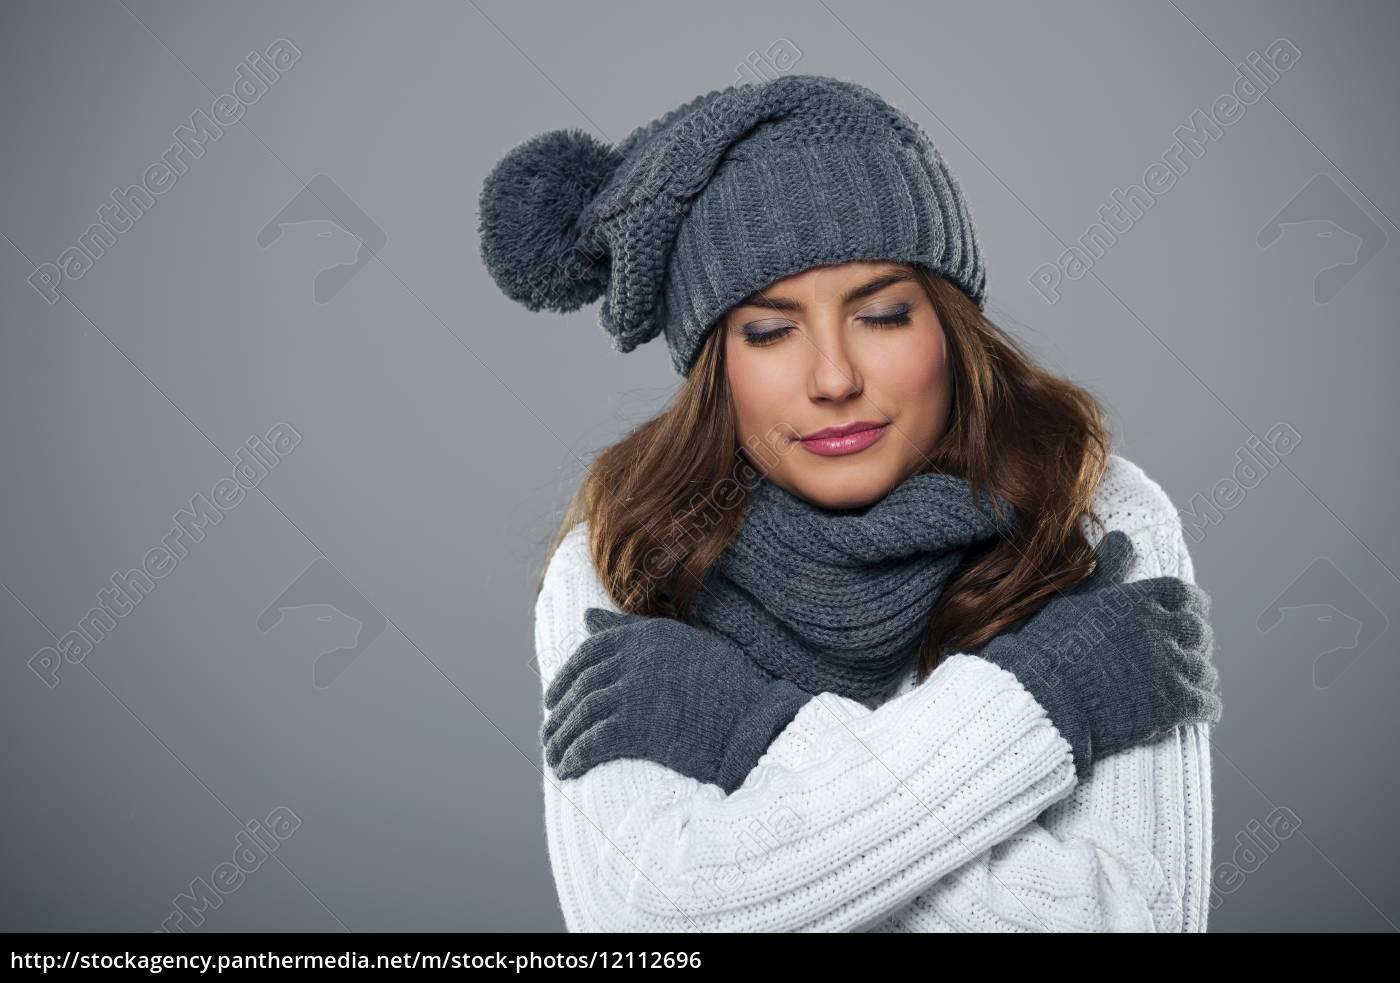 giovane, donna, tremante, durante, la, stagione - 12112696